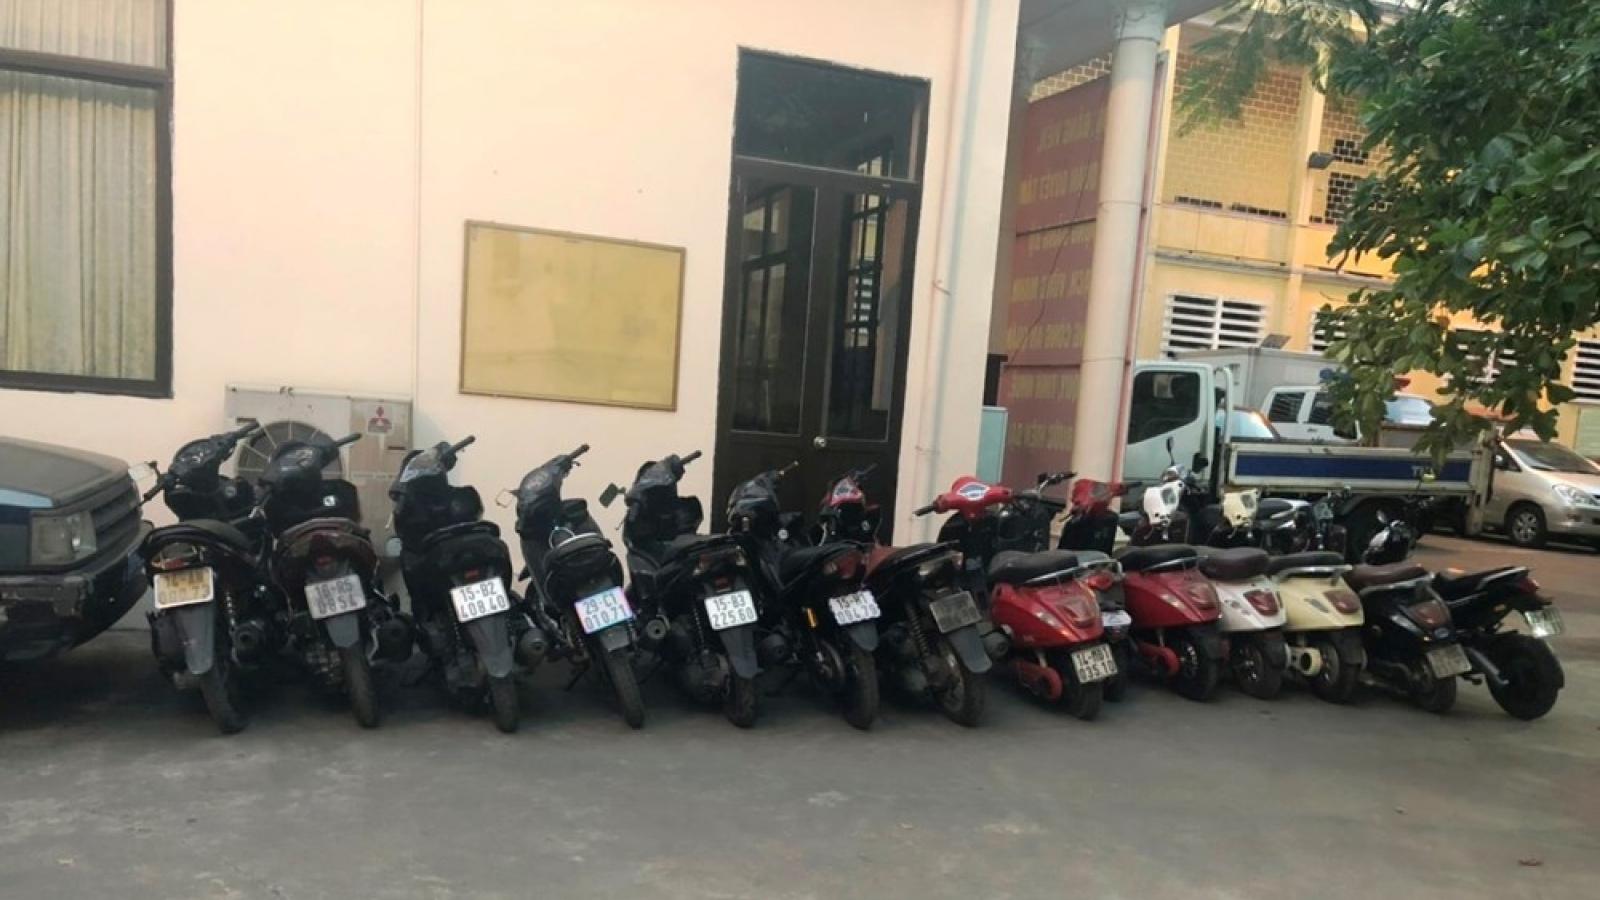 Hải Phòng bắt giữ cặp tình nhân giả chuyên trộm cắp xe điện, xe máy